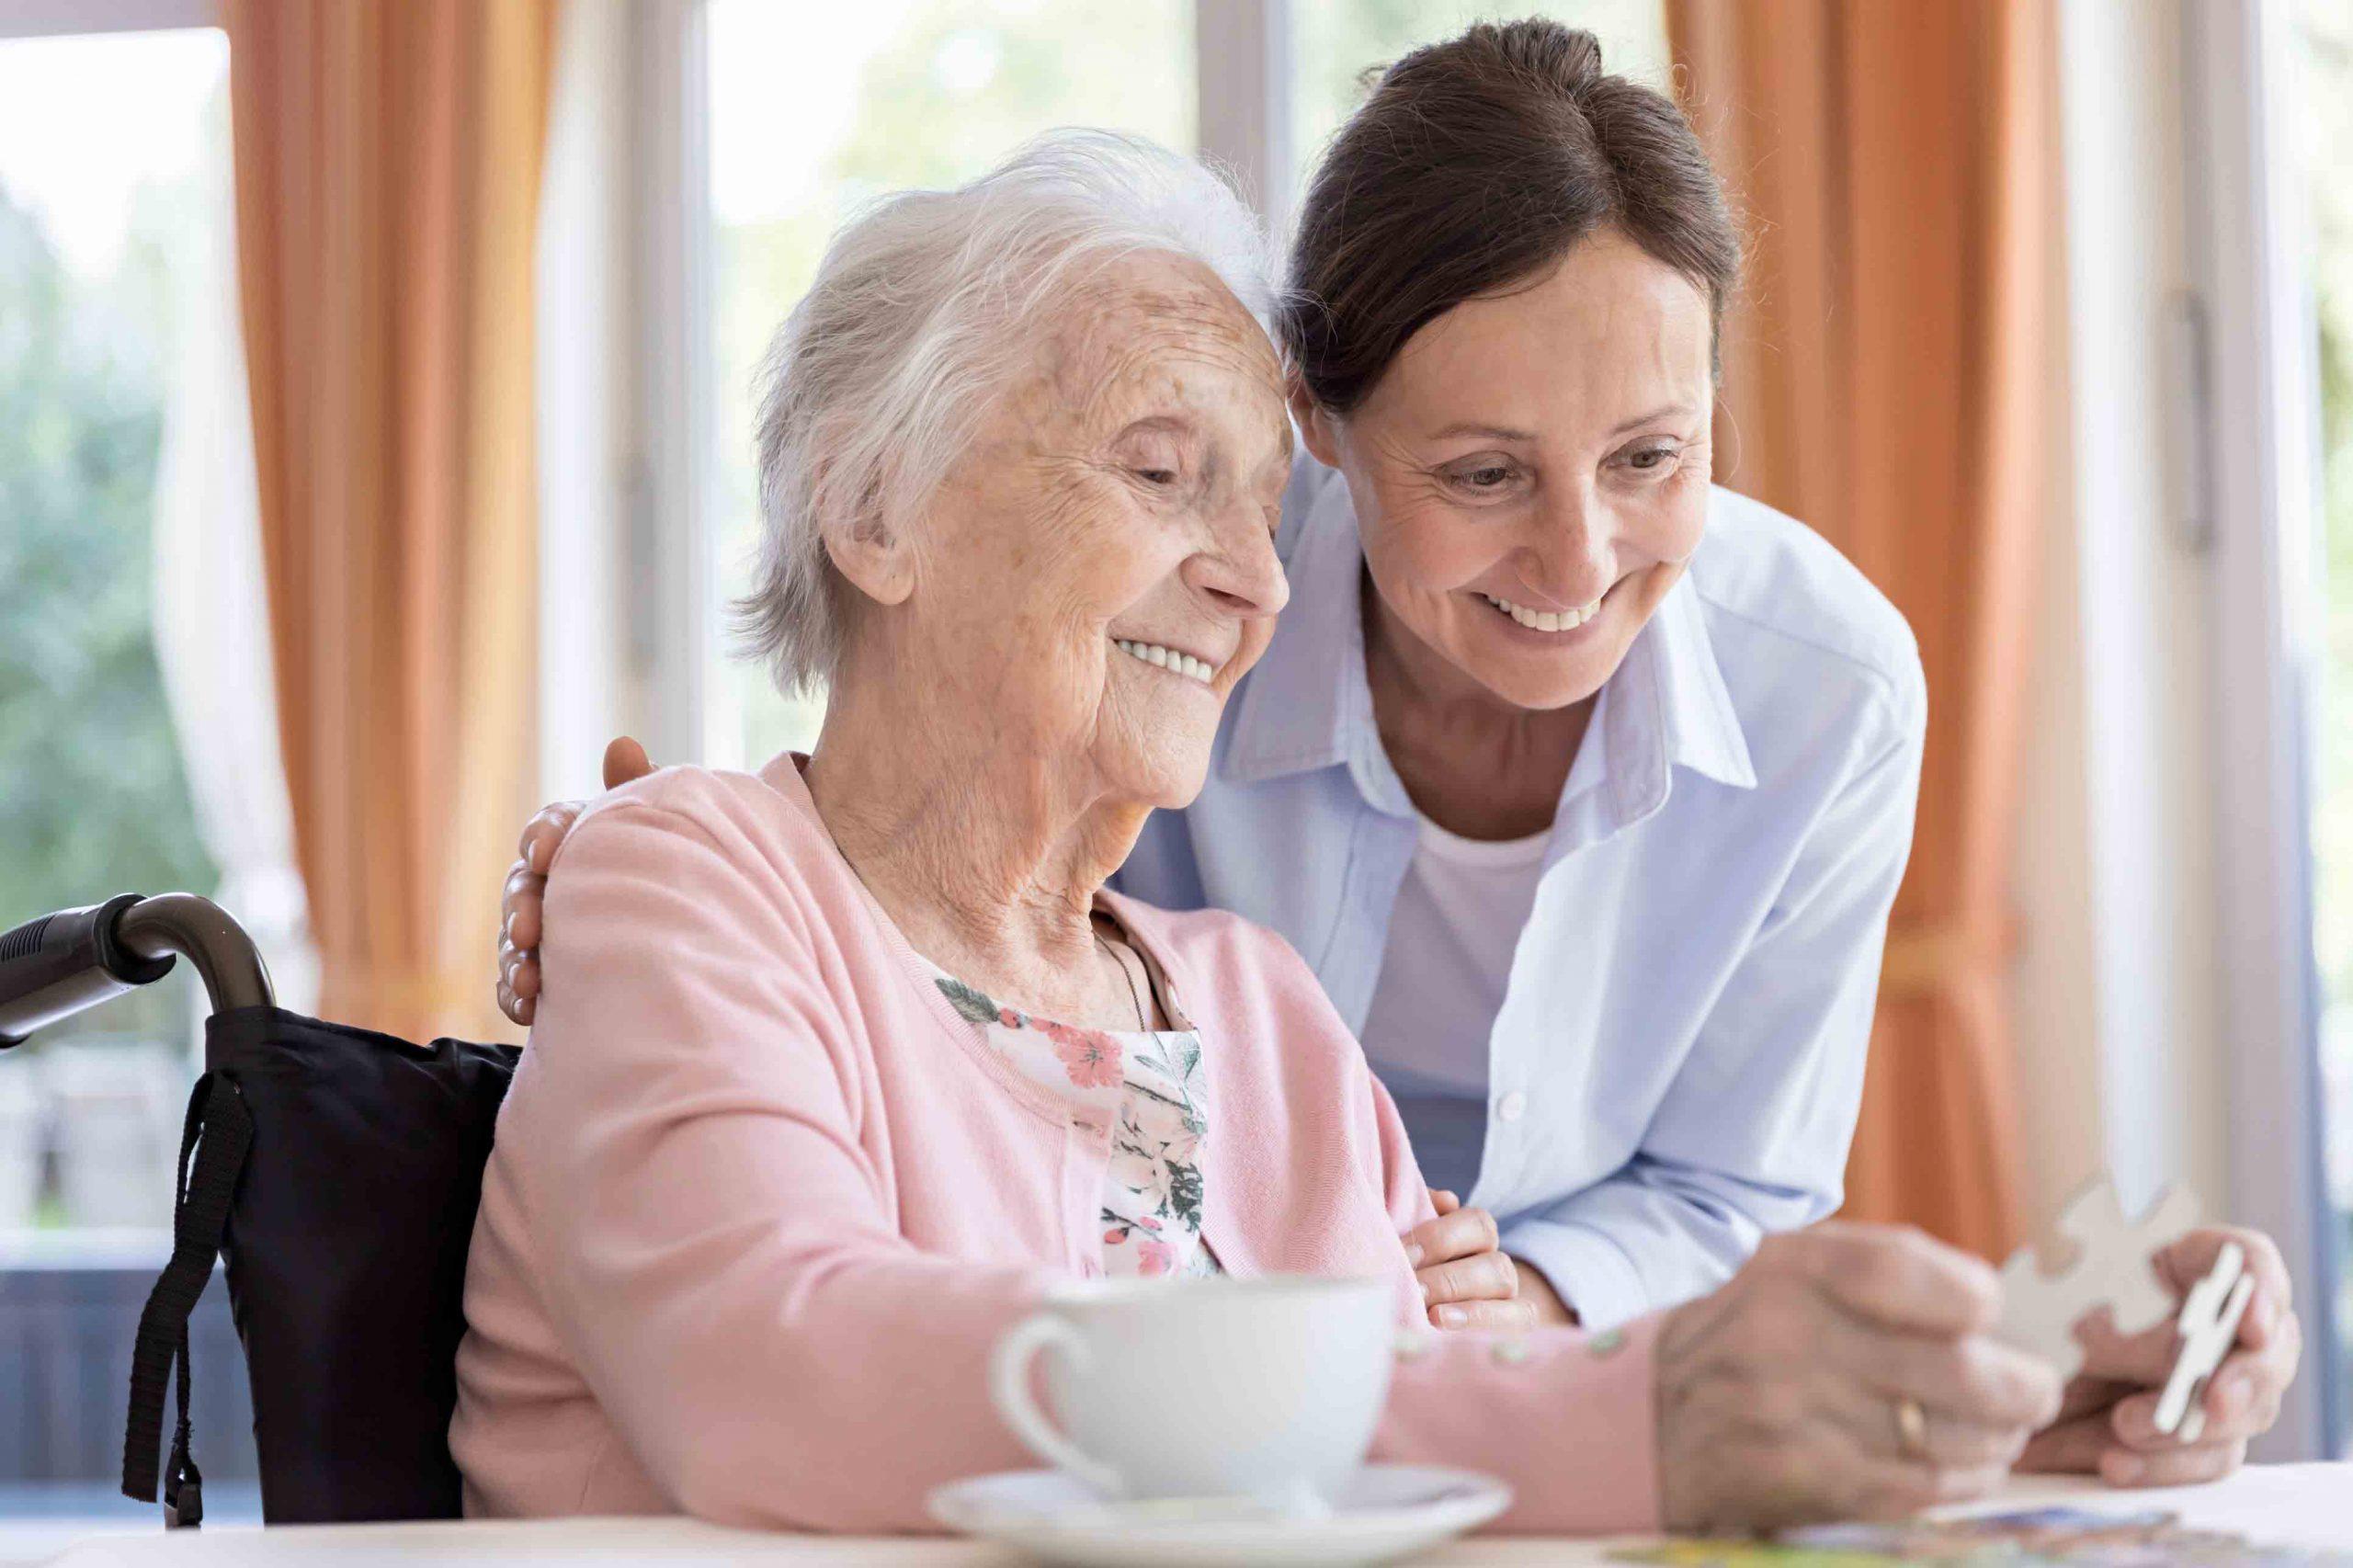 مراقب سالمند در منزل | مرکز پارسیان مهرپرور